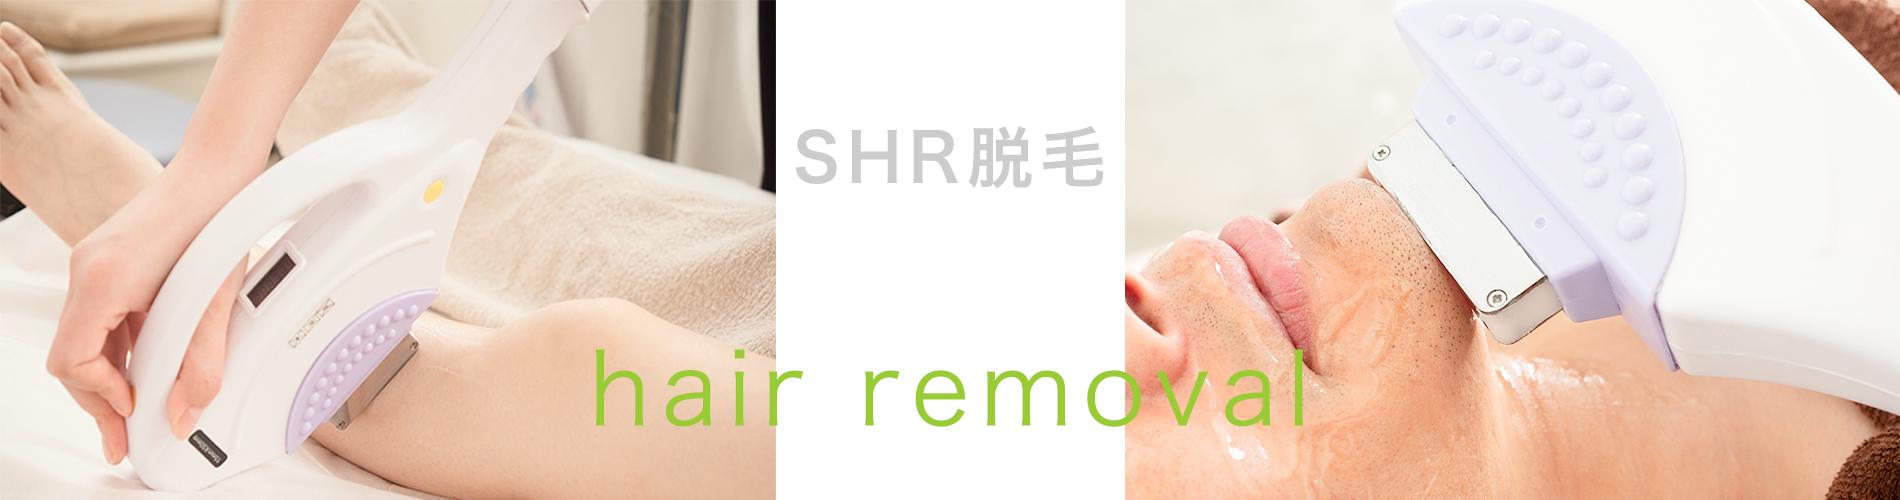 名古屋市のエステスクール|髪育|メンズ脱毛|ヒゲ脱毛|トータルプロデュースKirei